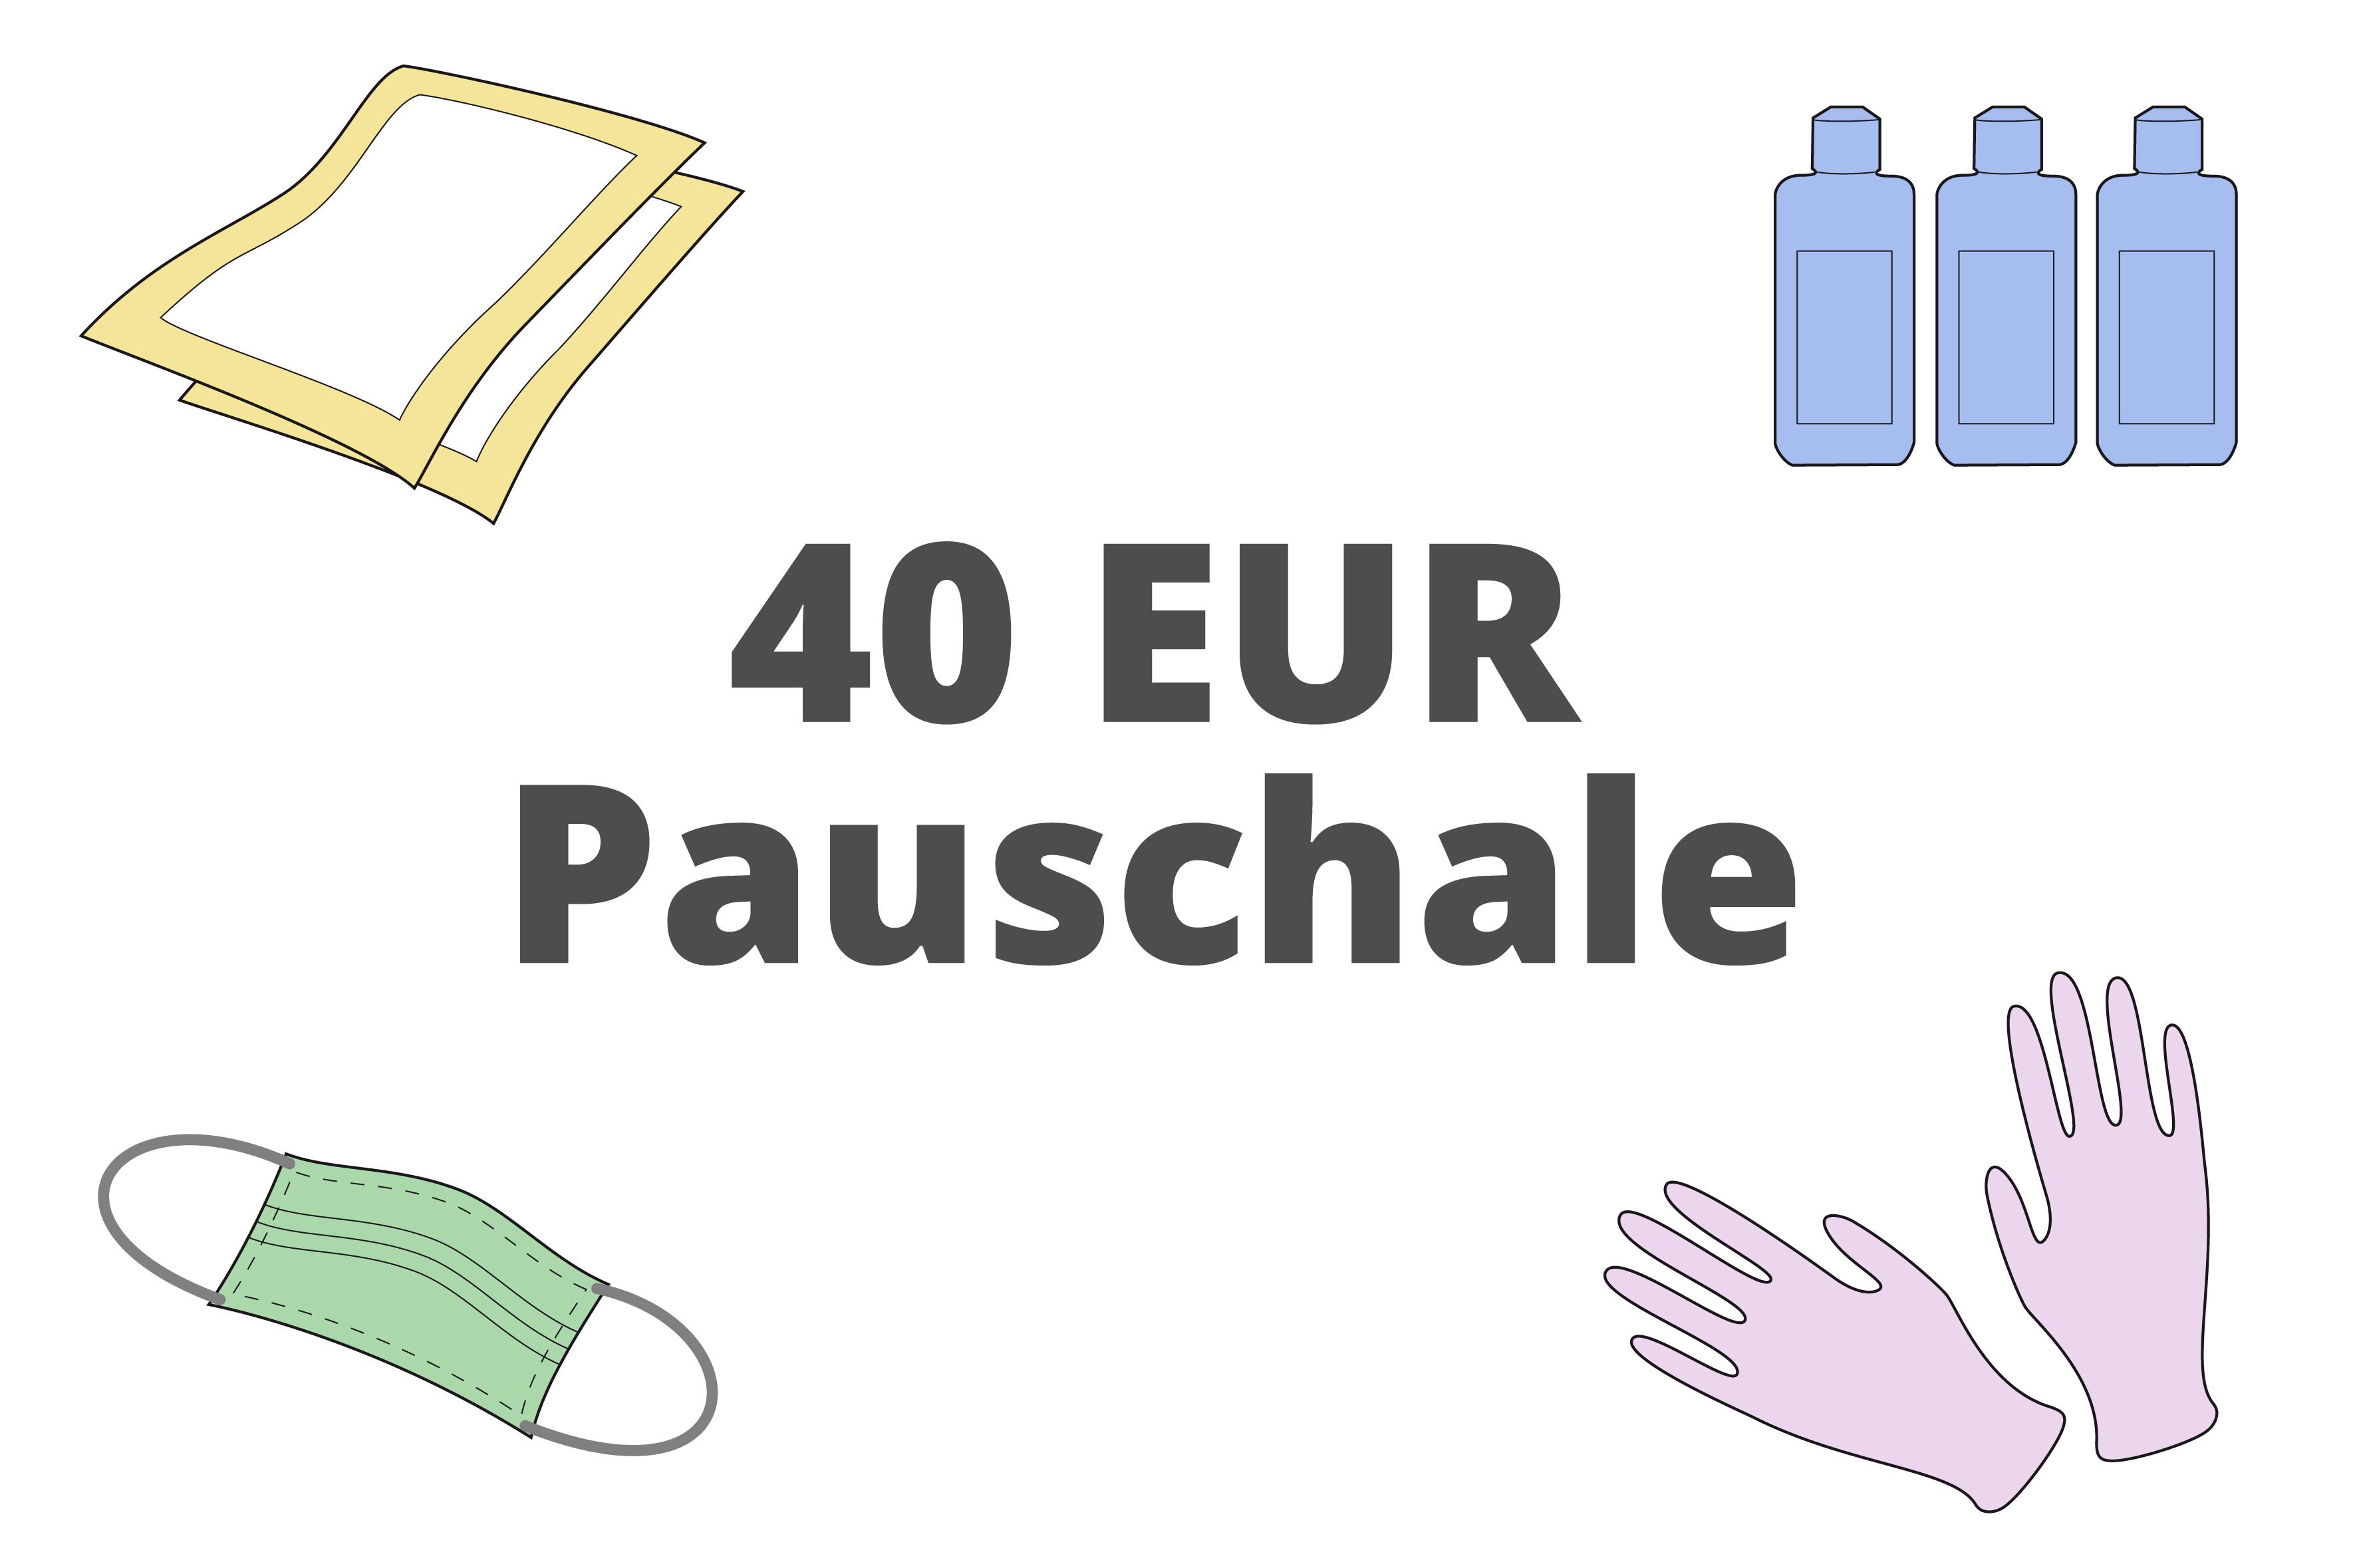 40 EUR Pauschale